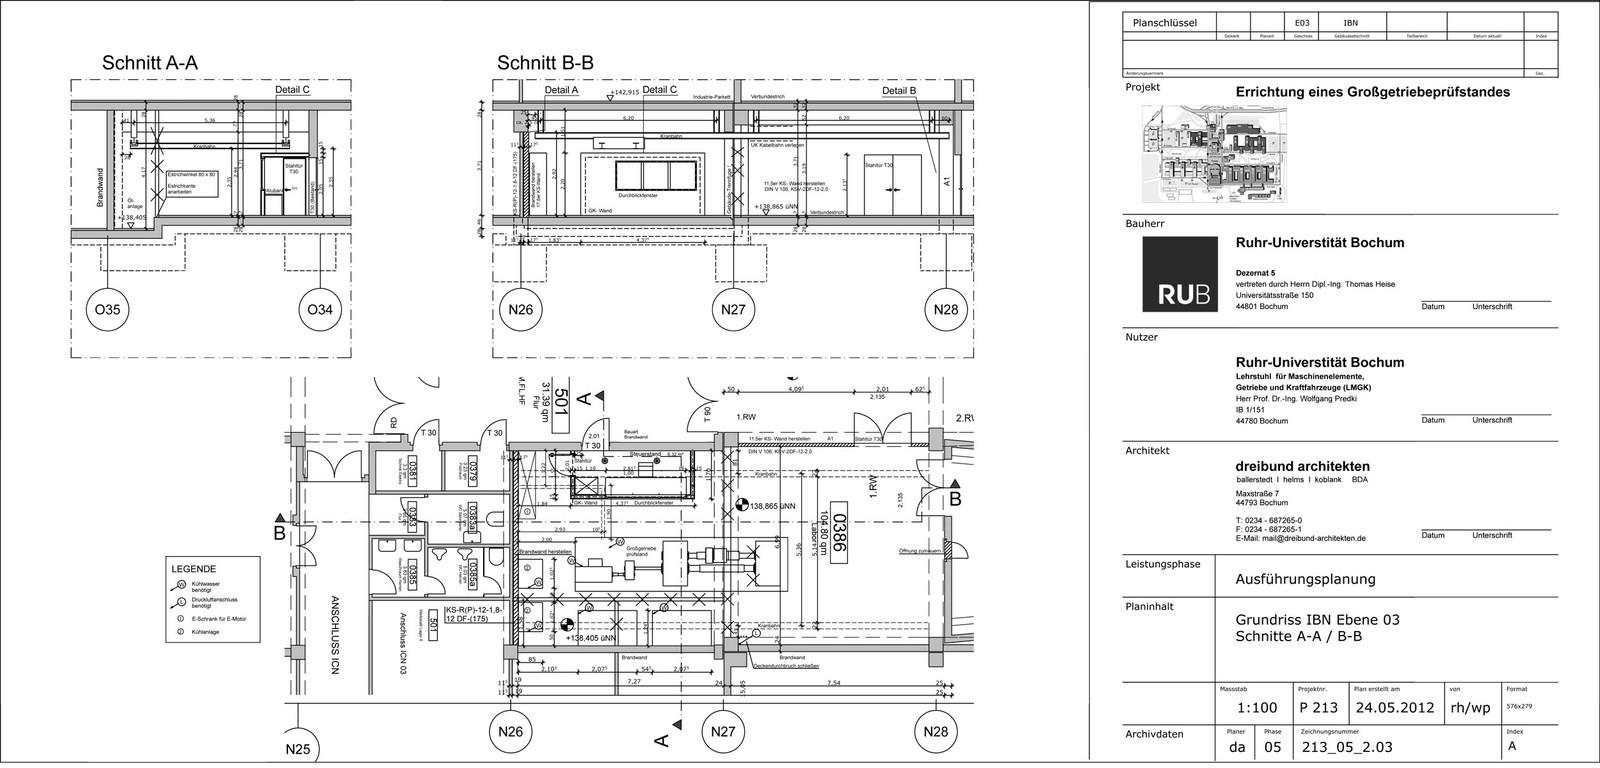 Dreibund architekten 213 rub gro getriebepr fstand - Dreibund architekten ...